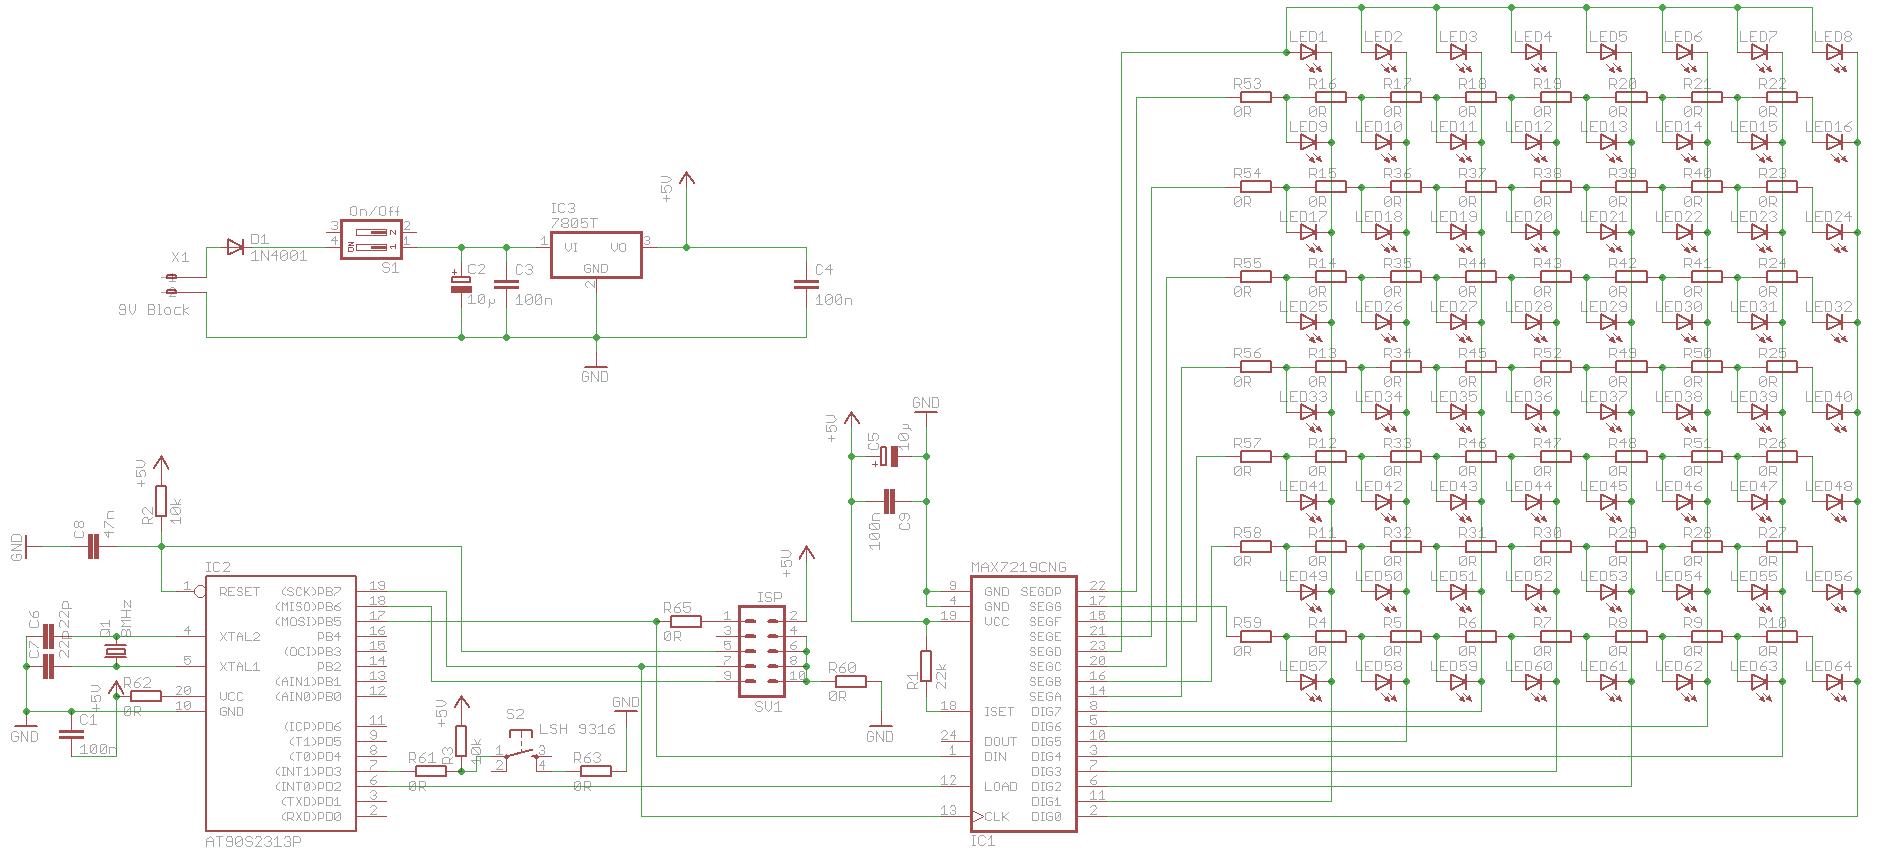 Frage Zum Max7219 U D Led Matrix The Rgb Project Application Circuit Also Wenn Man Sich Nur Die Anguckt Knnte Ich Das Praktisch So Bernehmen Wrdet Ihr Pins Vom Auch Anordnen